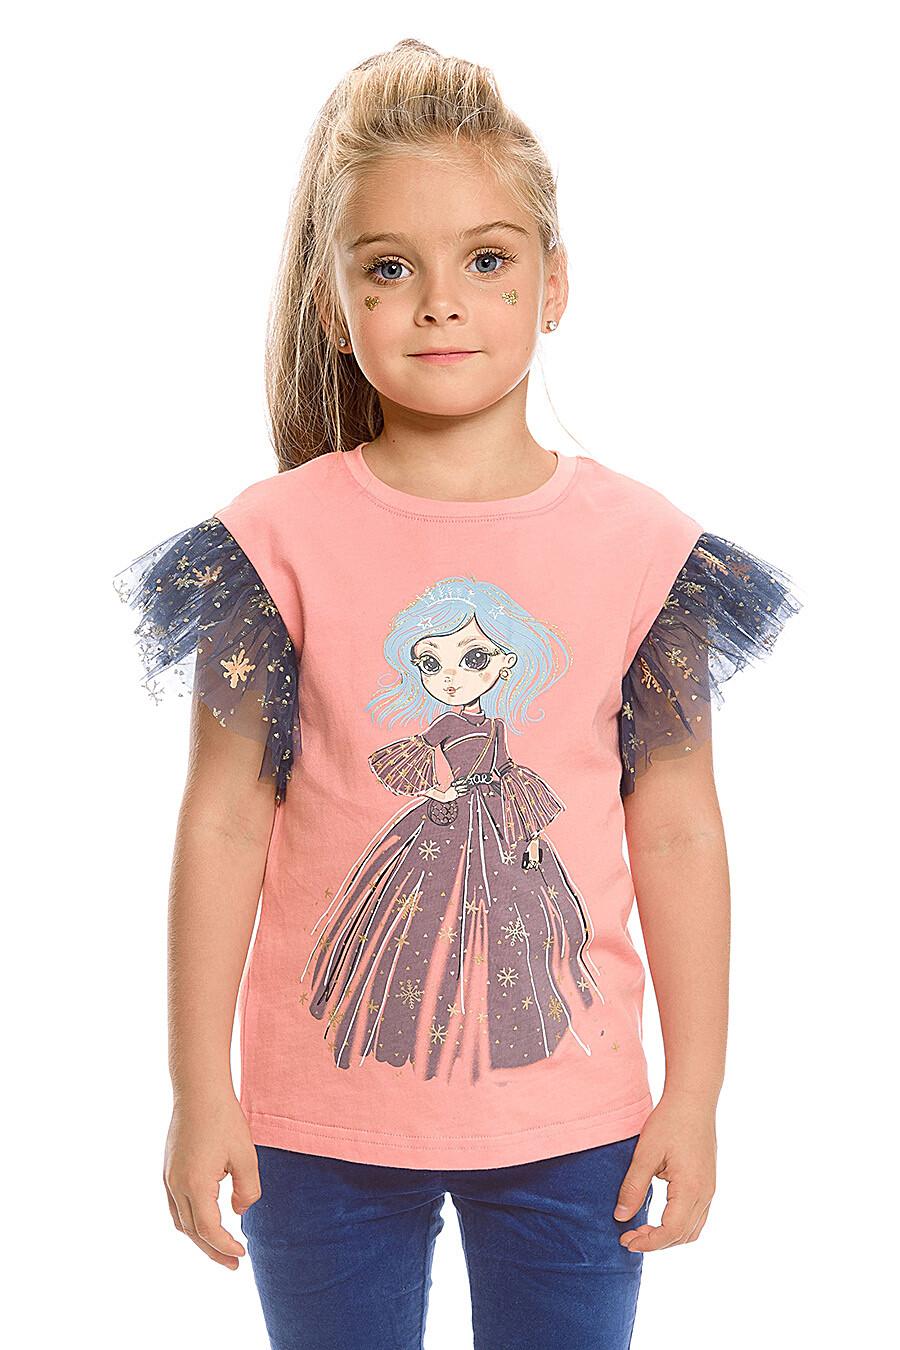 Футболка для девочек PELICAN 161255 купить оптом от производителя. Совместная покупка детской одежды в OptMoyo